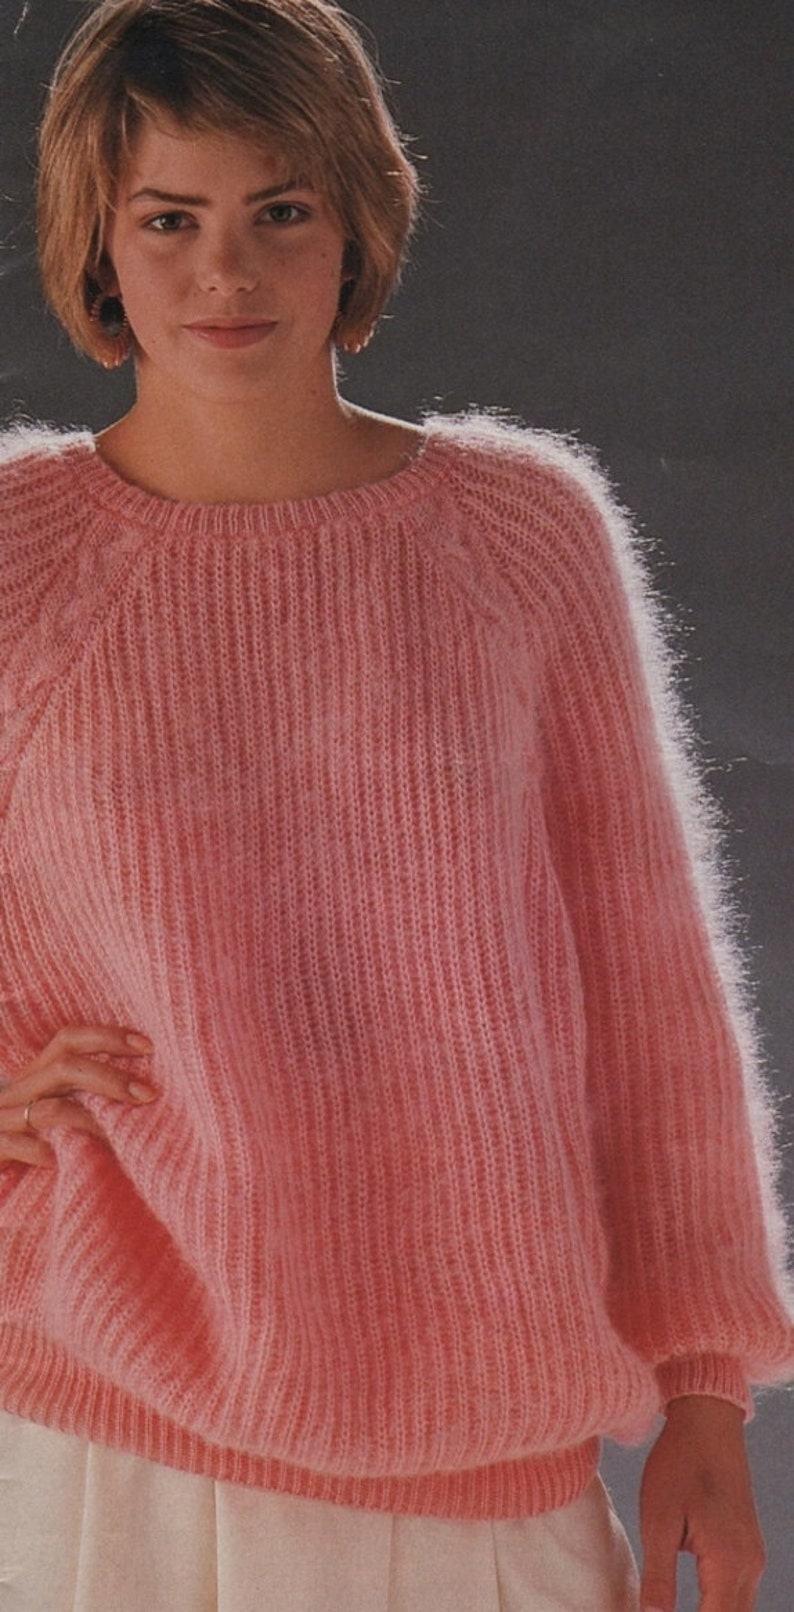 669cc9dc5 Instant Download PDF Vintage Knitting Pattern to make Ladies